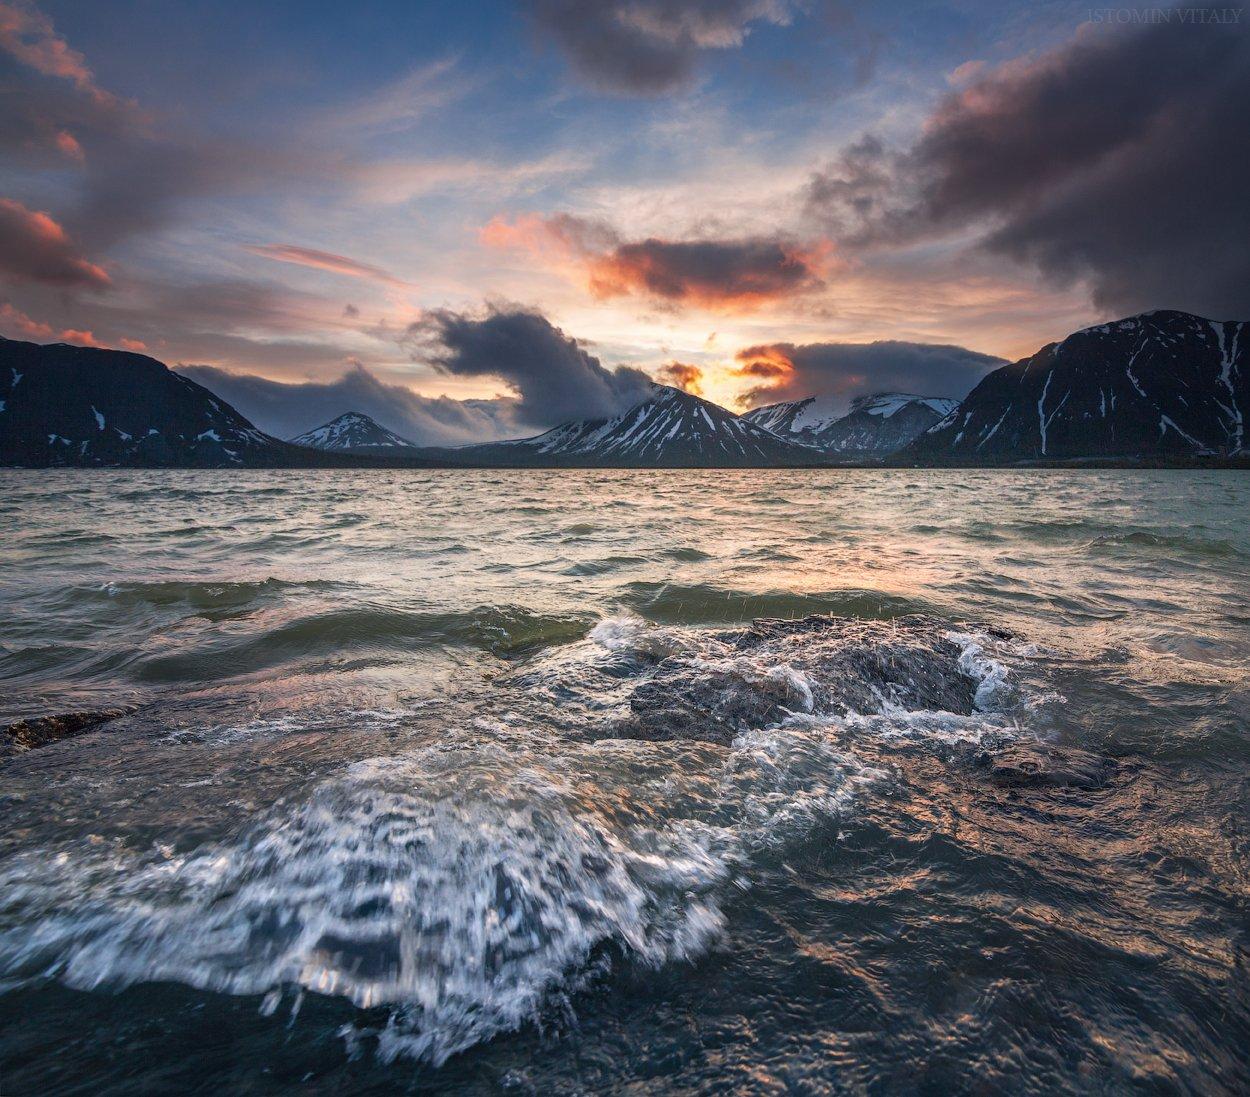 пейзаж,вода,хибины,горы,россия,небо,цвет,снег,волны,панорама,перспектива,облака, Истомин Виталий